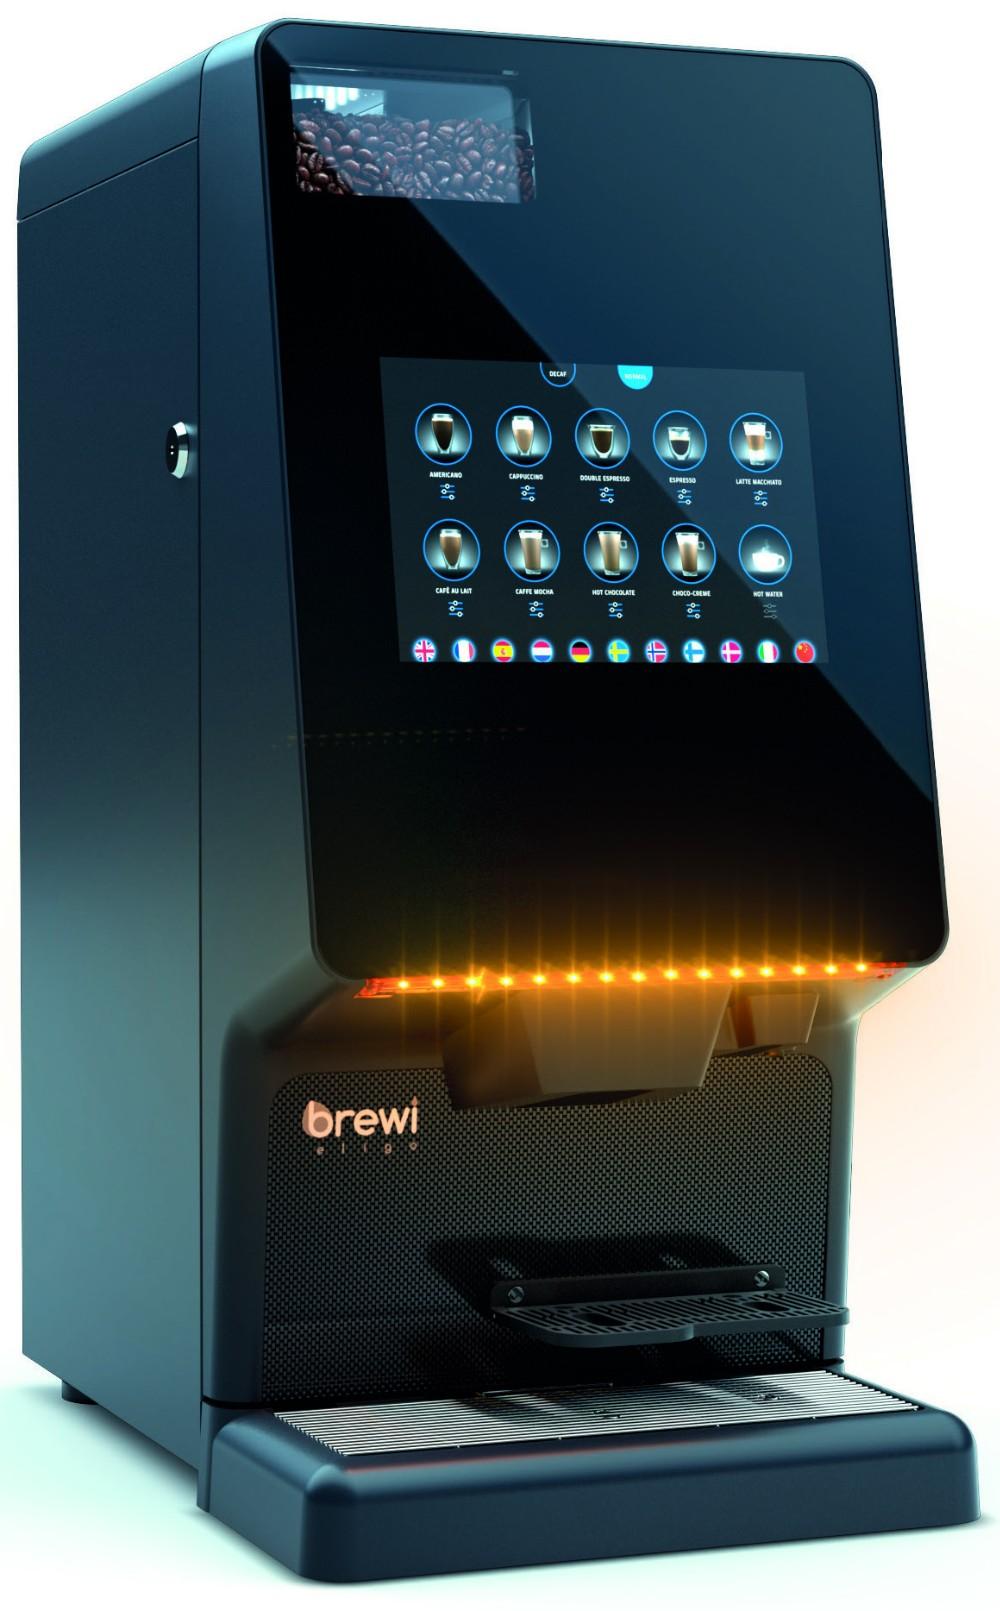 sapoe automatique dynamique tactile cran commerciale broyage expresso grain la tasse machine. Black Bedroom Furniture Sets. Home Design Ideas